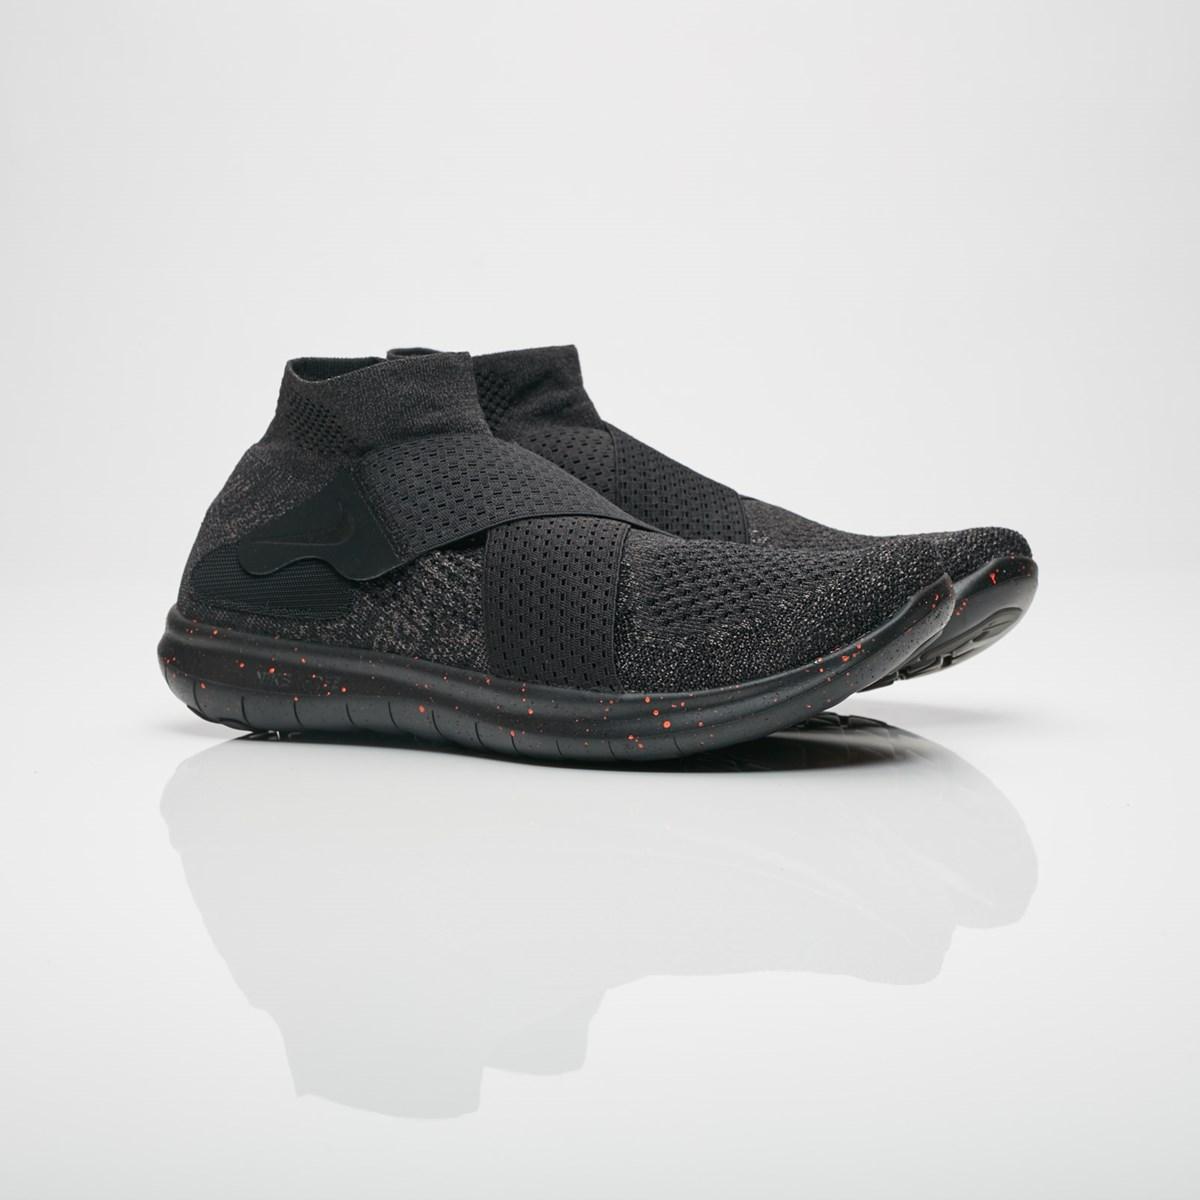 nike free rn motion fk 2017 883291 010 sneakers   streetwear på nätet sen  1999. SNEAKERSNSTUFF ee350a66edd9